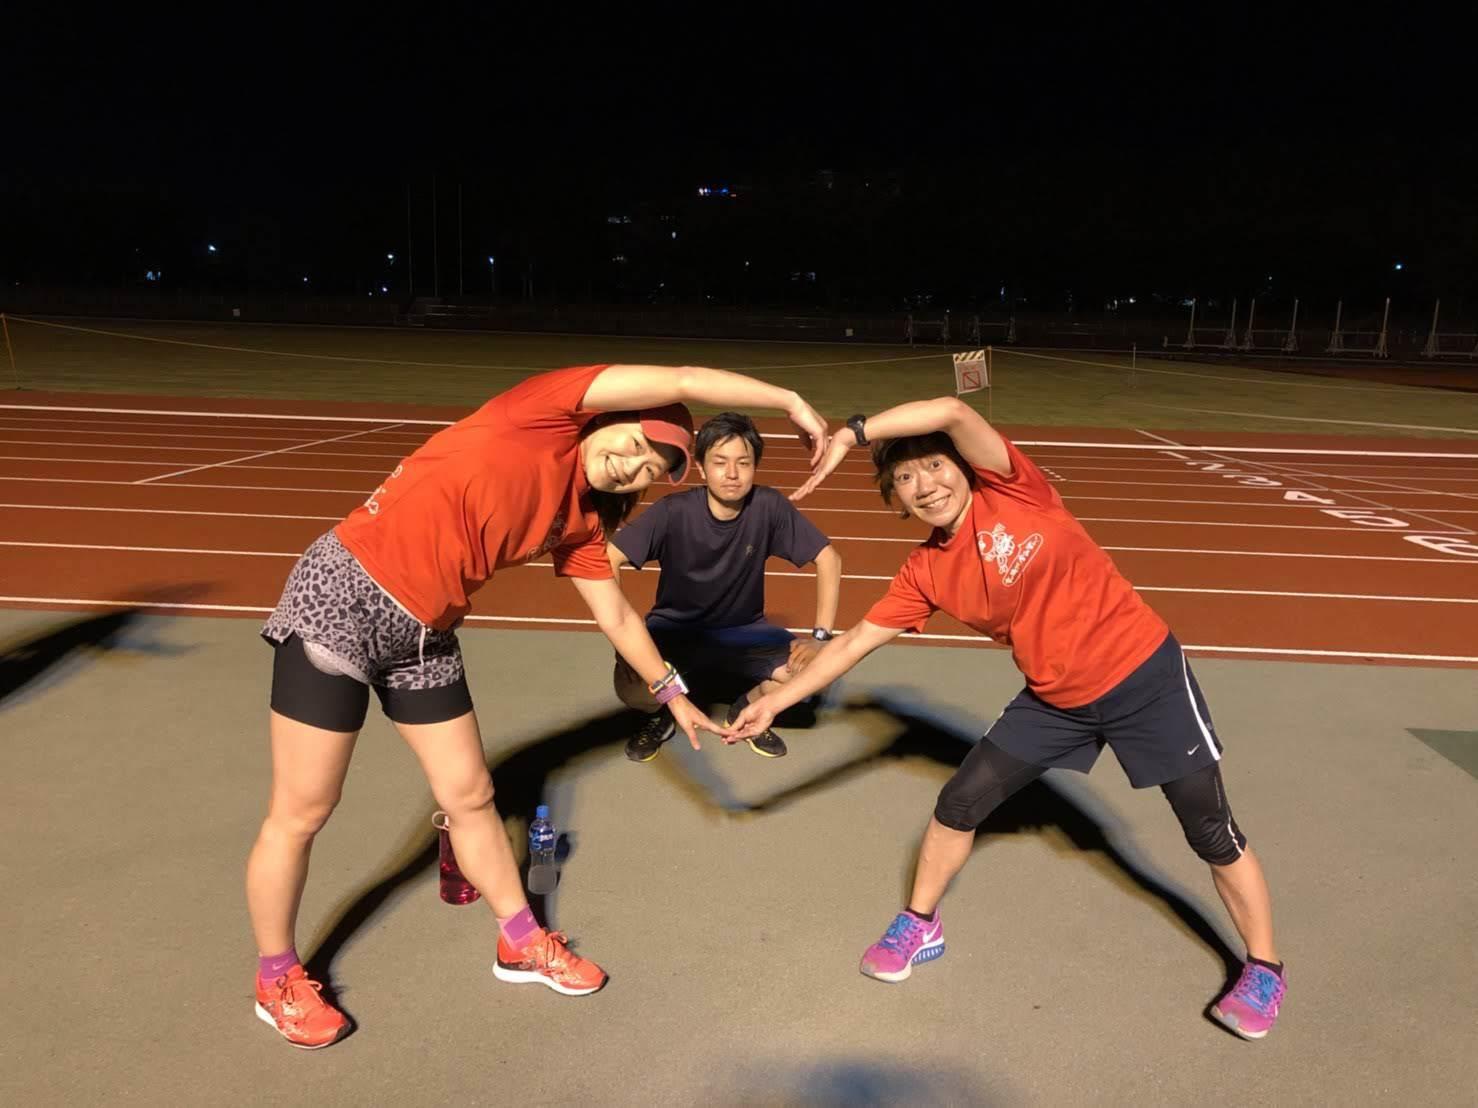 走力が自分より低いランナー用のメニューでも、いっしょに練習することでそれを自分の練習に代える